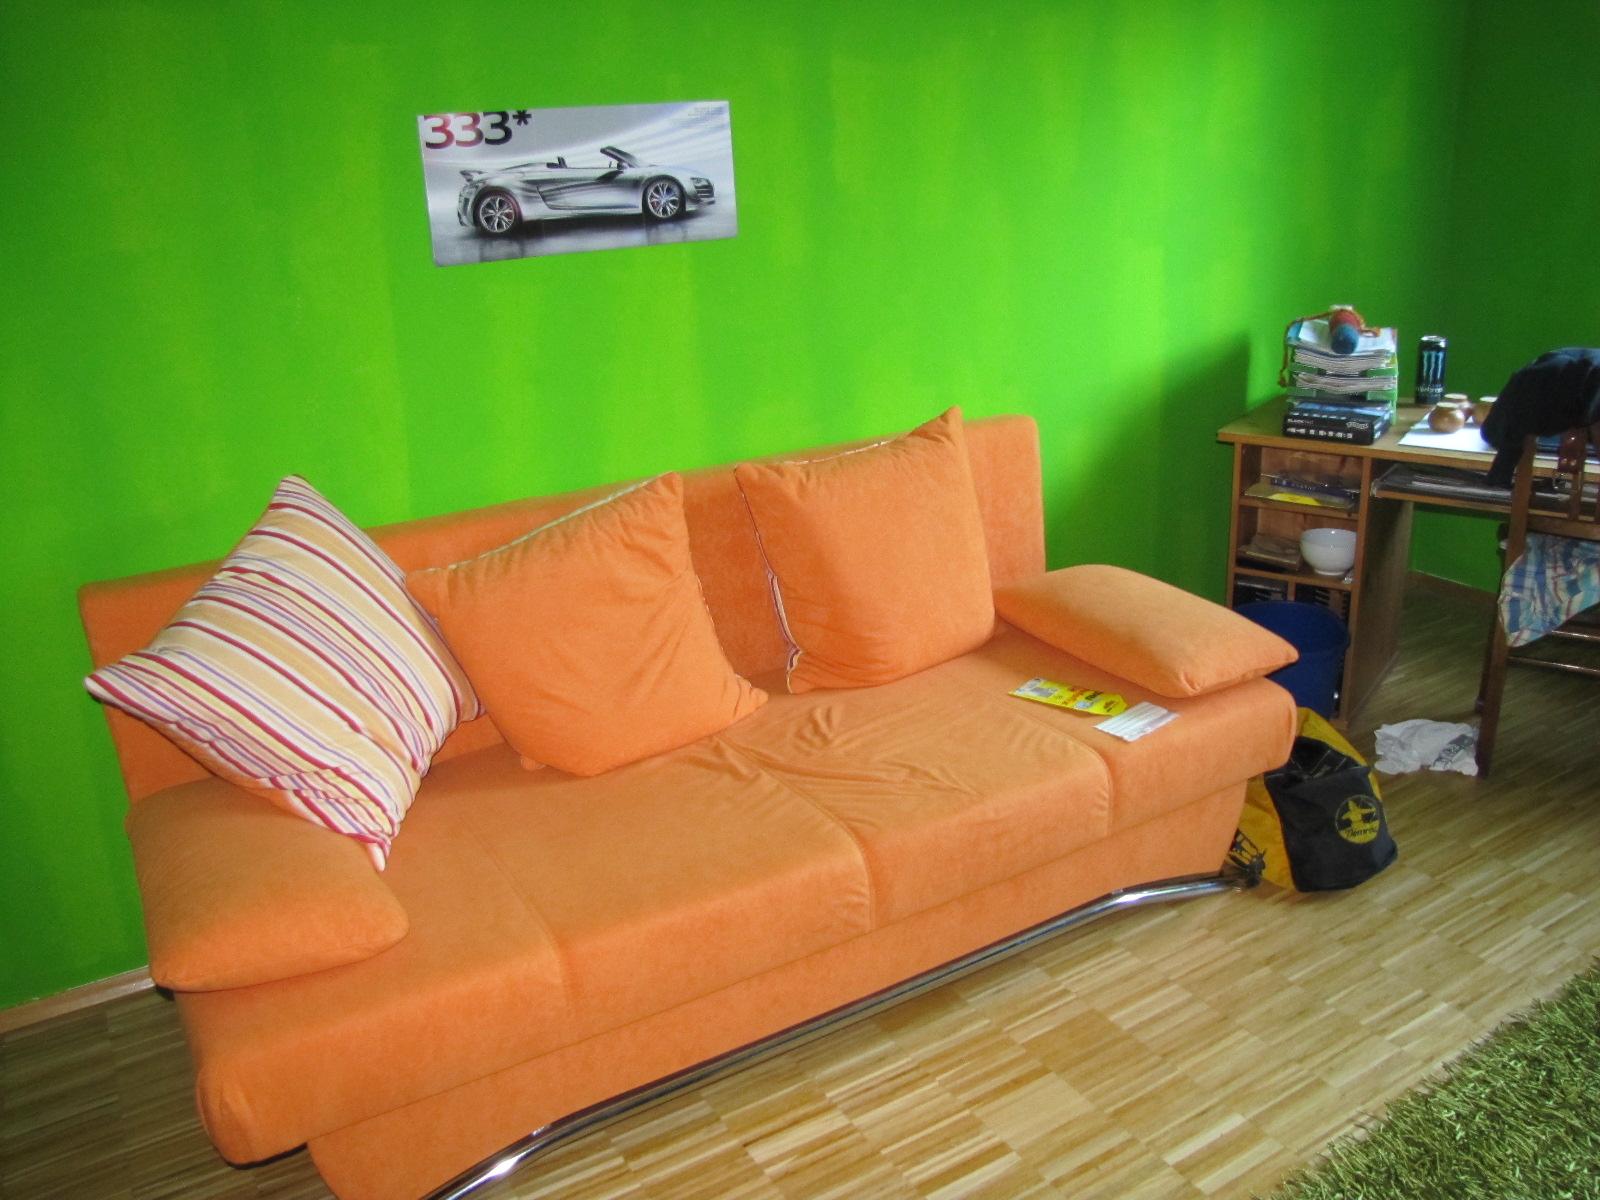 gartenzwergs tun gr n oder was eine wand schon alles erlebt hat. Black Bedroom Furniture Sets. Home Design Ideas